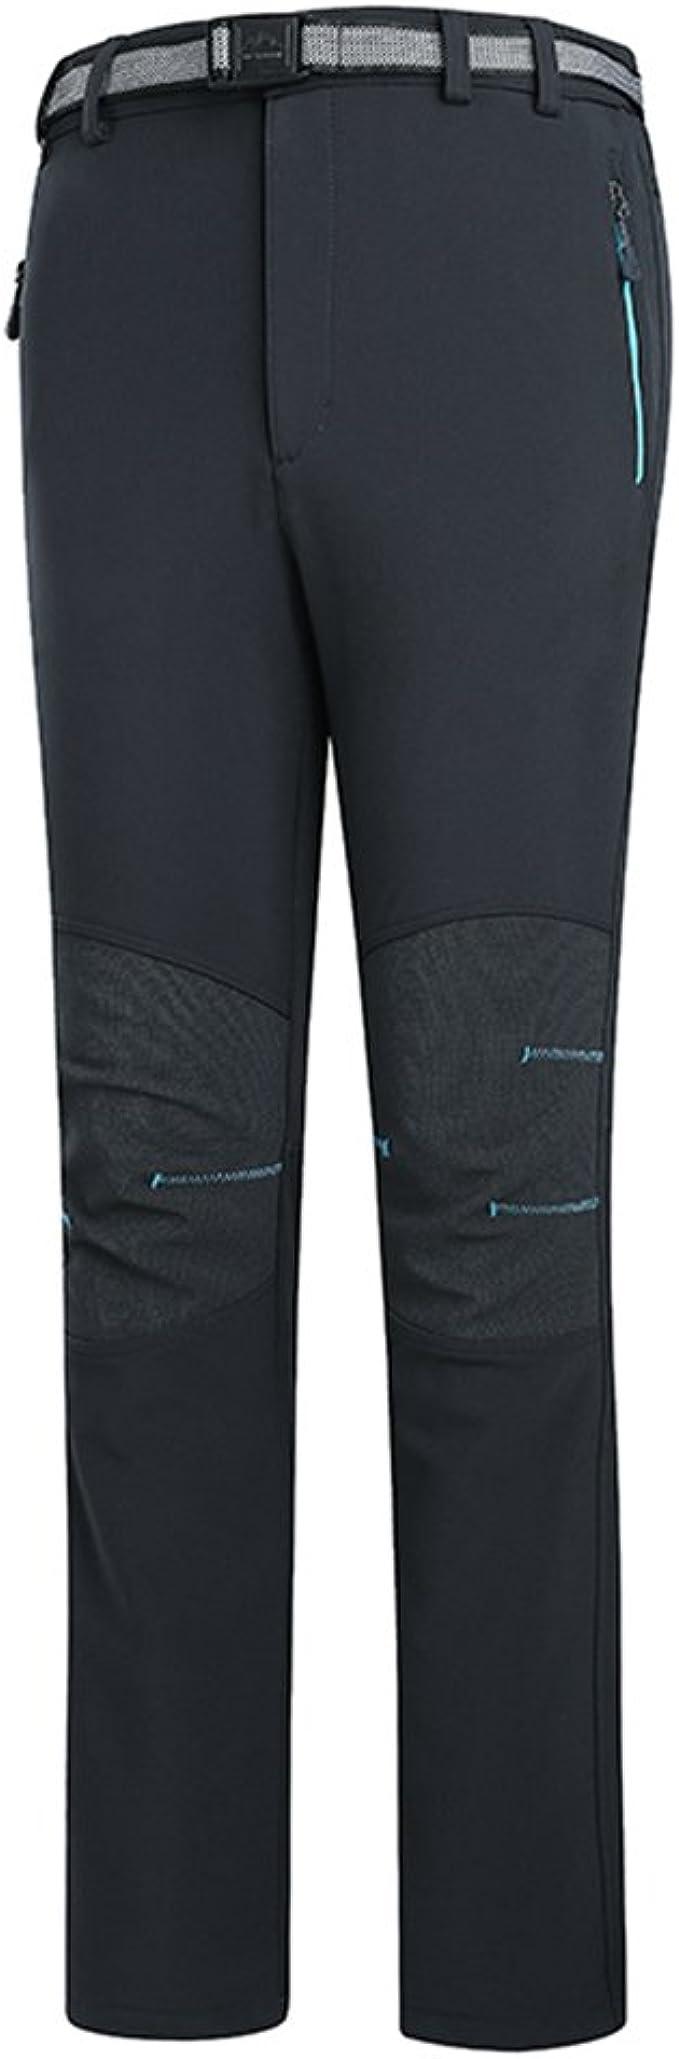 emansmoer Mujer Softshell Forro Polar Resistente al Viento Resistente al Agua Outdoor Sport Camping Senderismo Escalada Pantalones